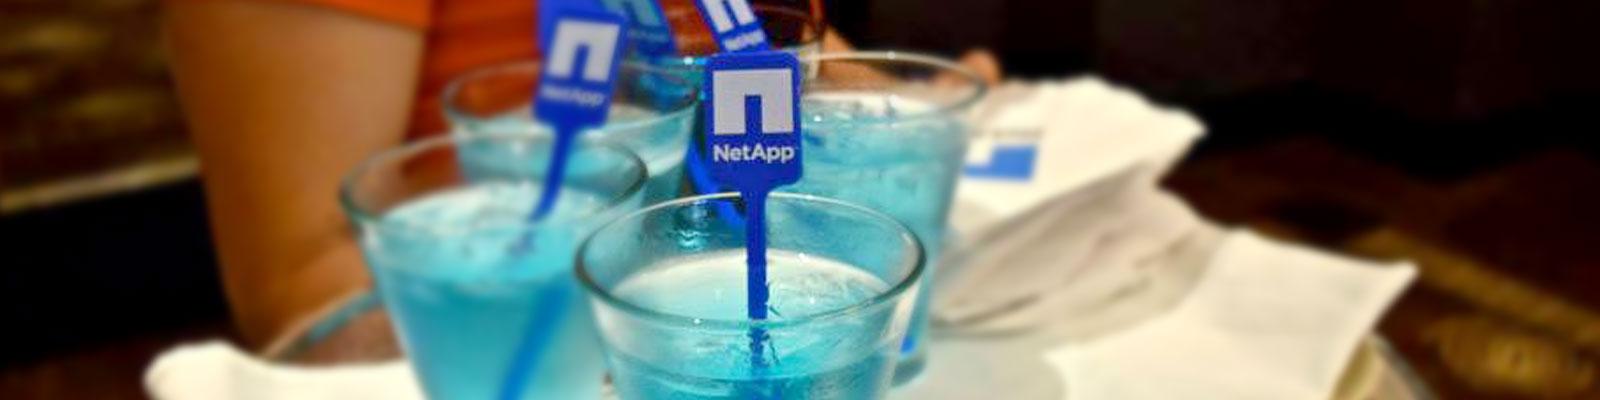 Events_Header_NetAppTray